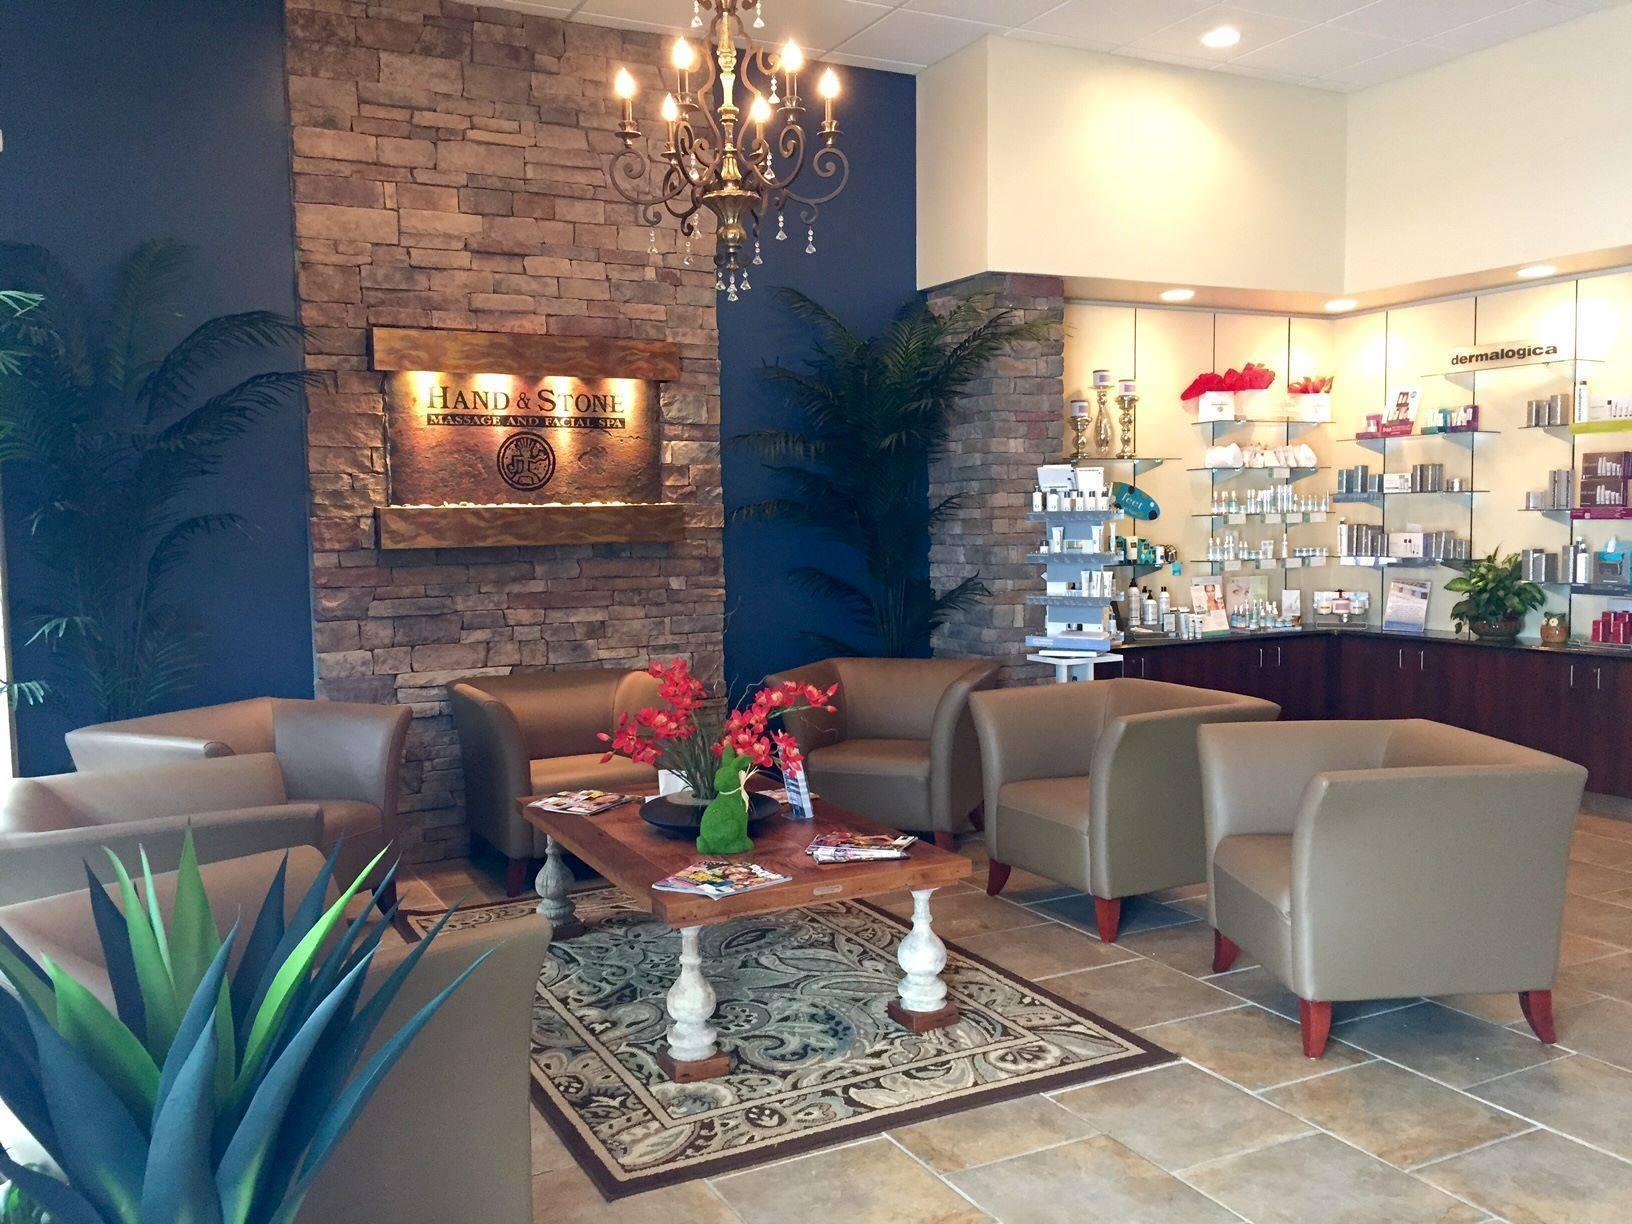 Hand & Stone Lobby